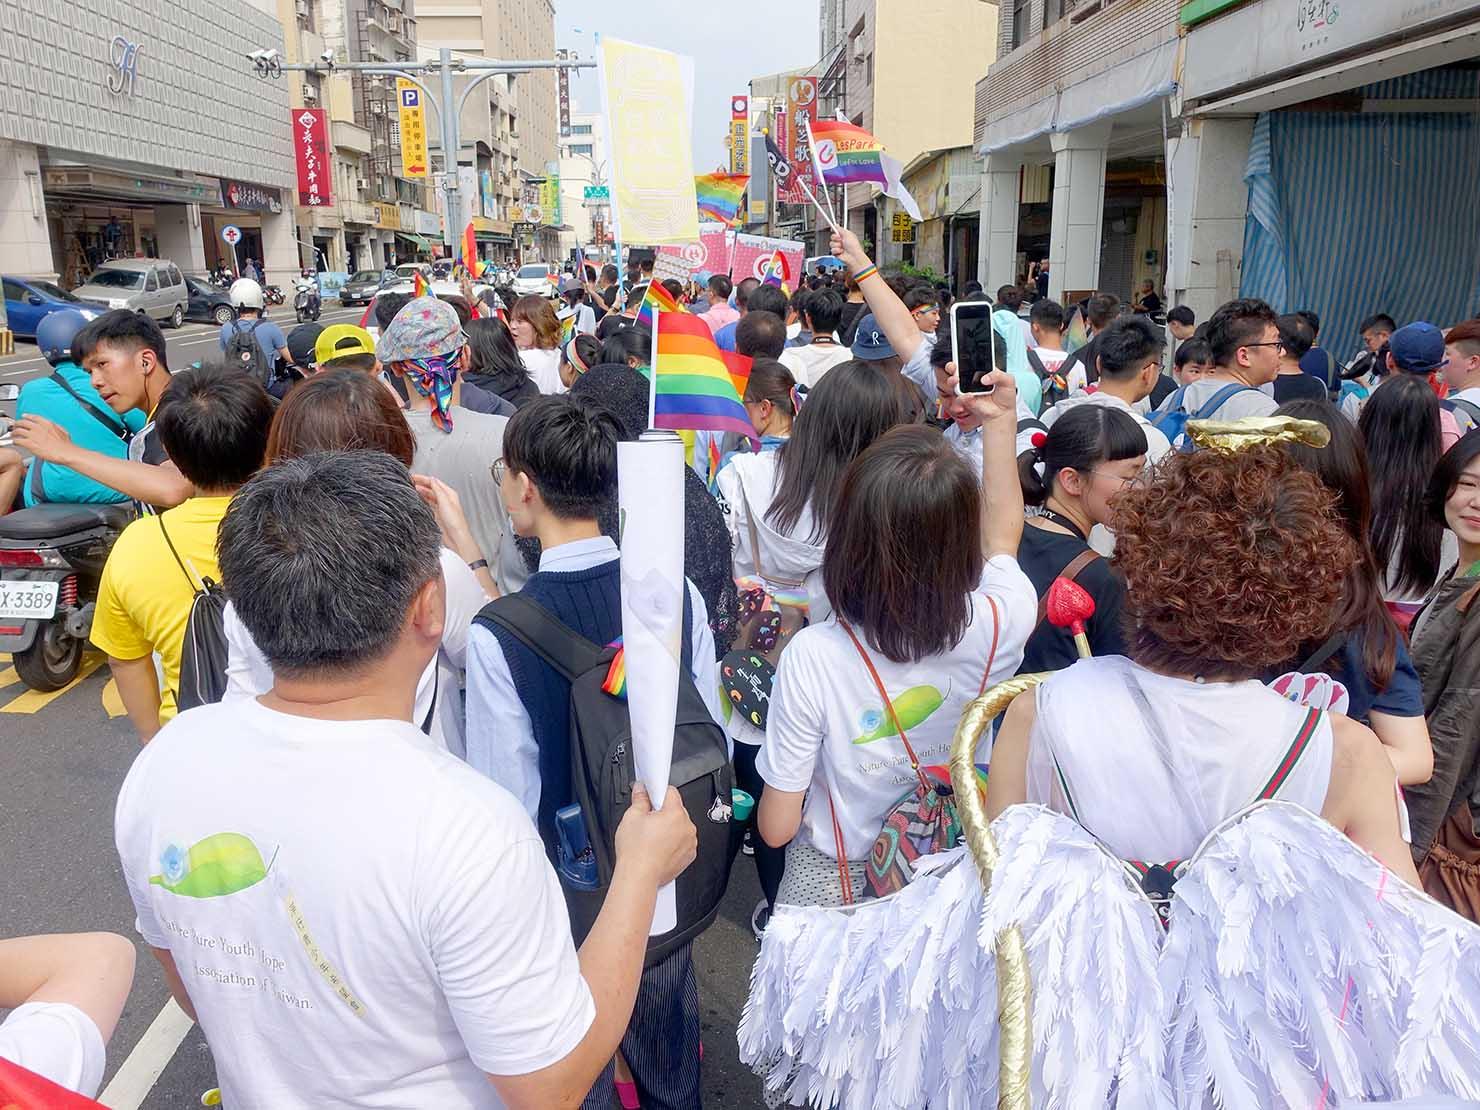 台南彩虹遊行(台南レインボーパレード)2019のパレードでレインボーフラッグを振る参加者たち